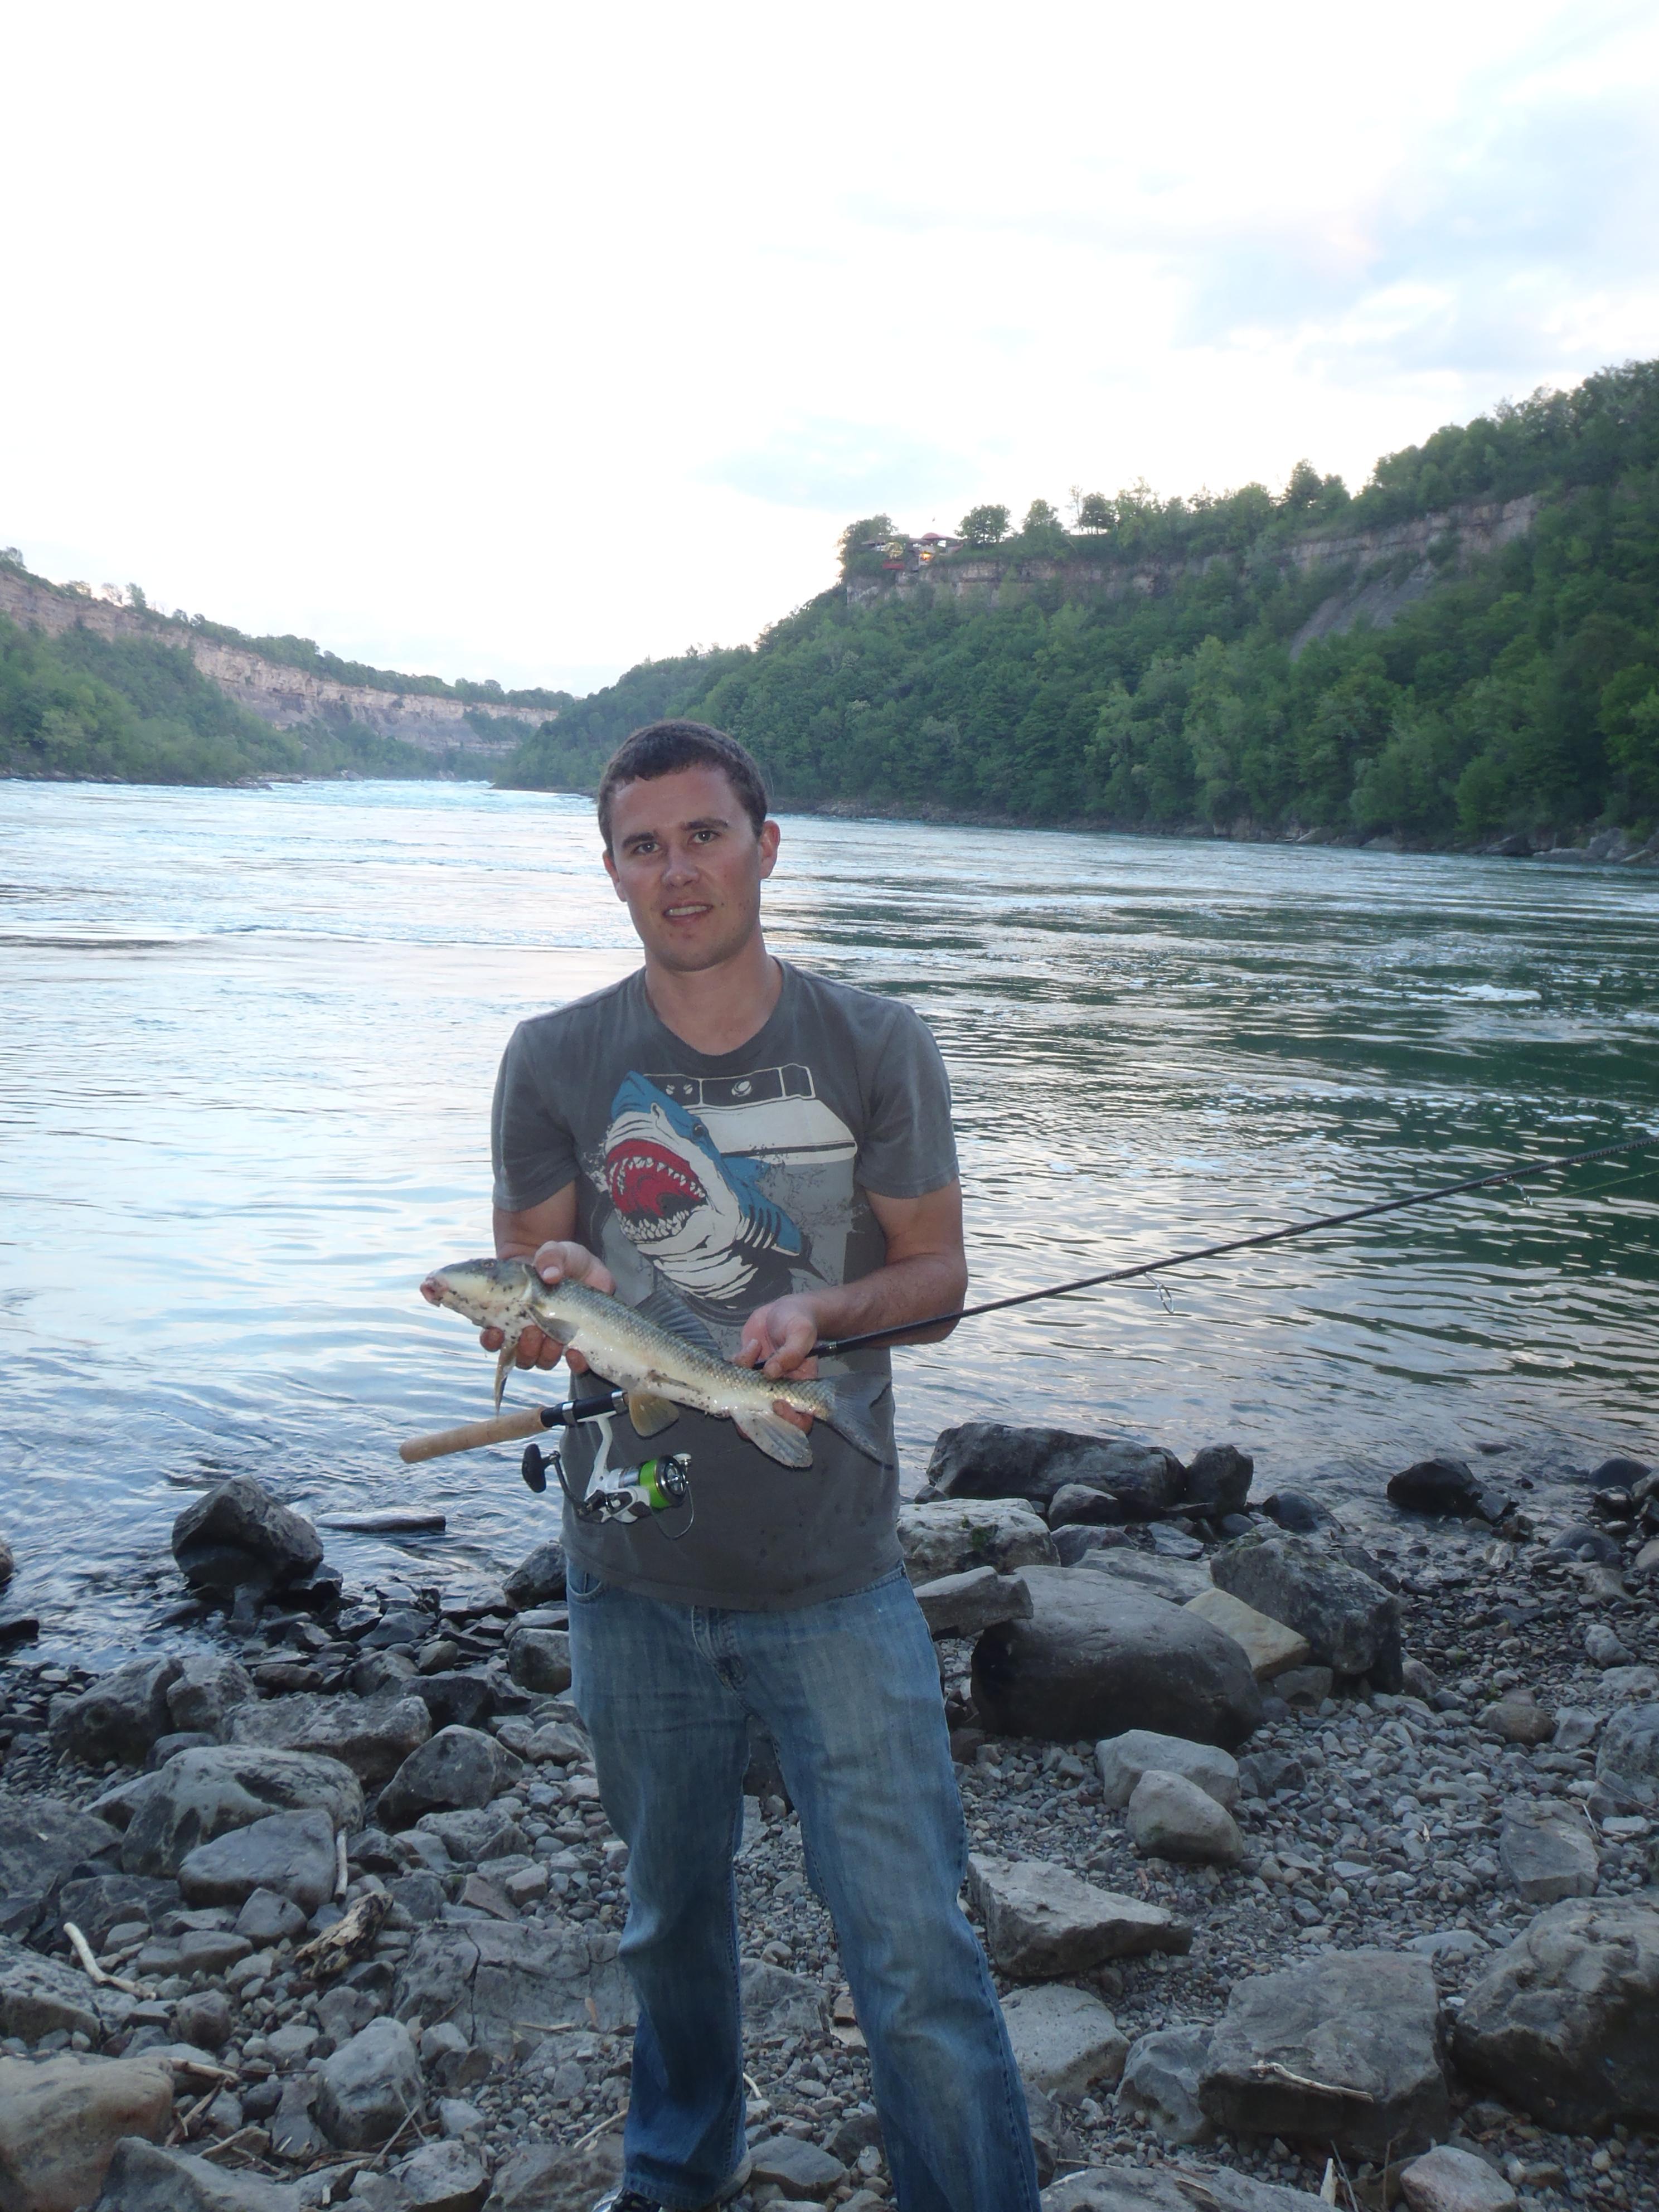 Niagara river fishing fishing for Niagara river fishing report